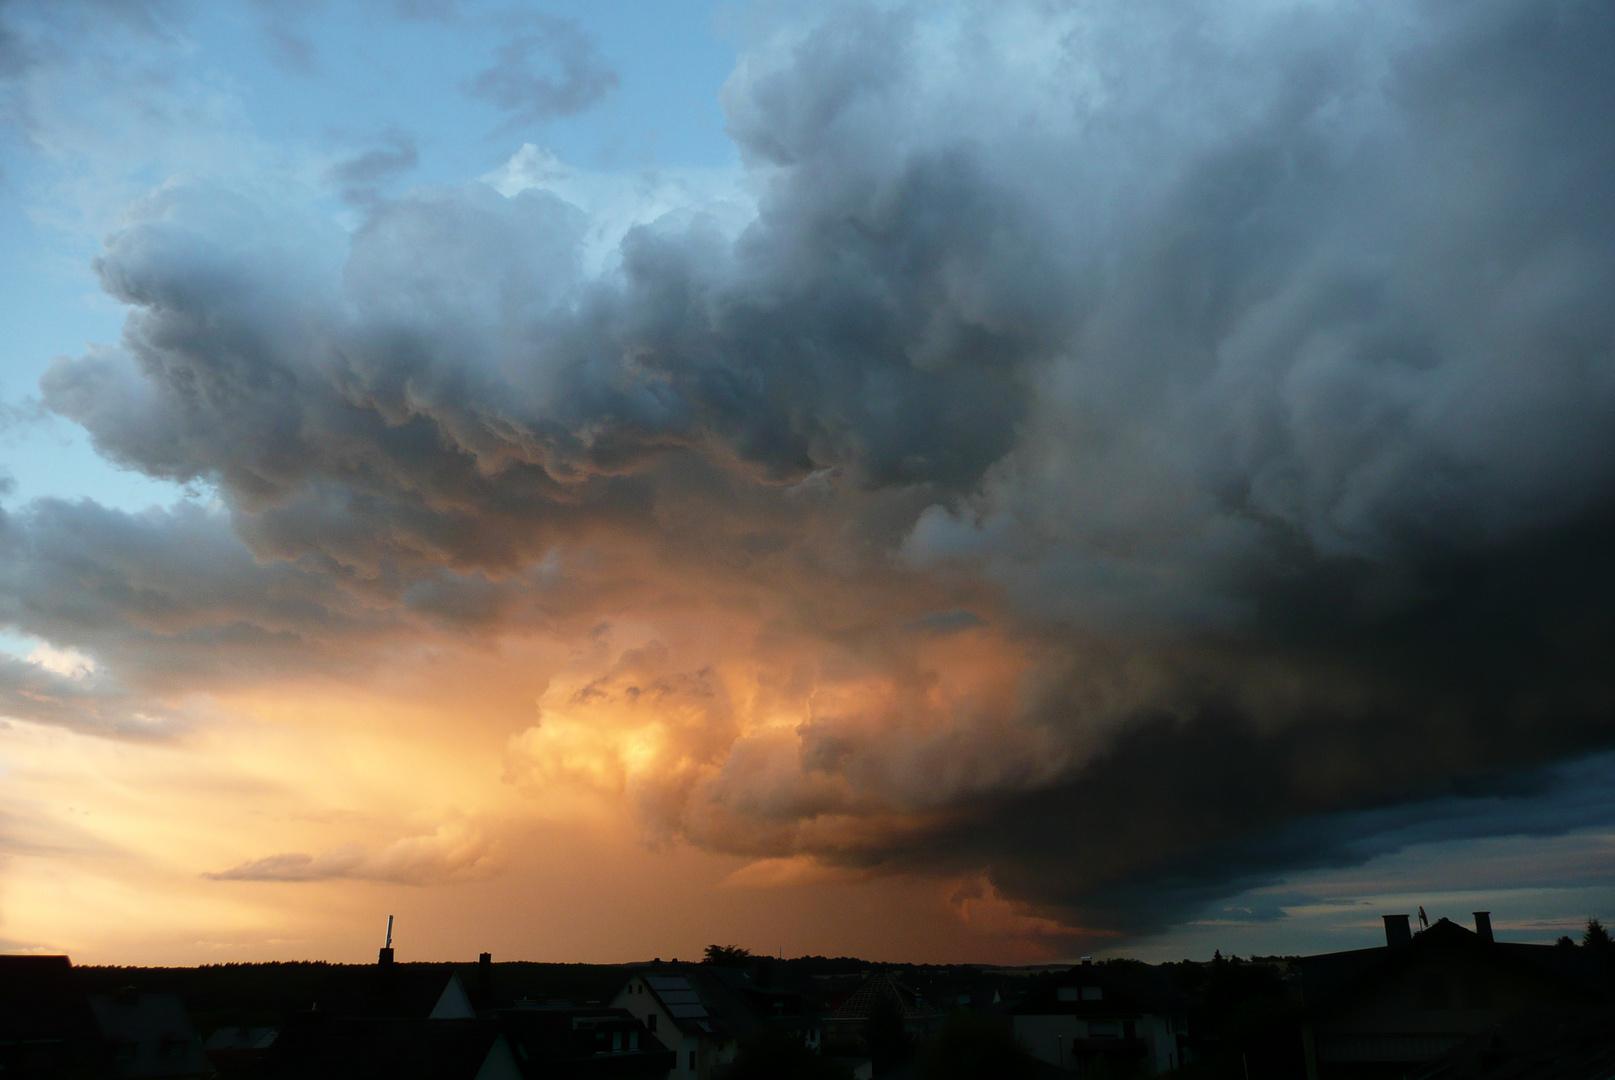 Abendhimmel mit Sturmwolken u. Sonnenuntergang